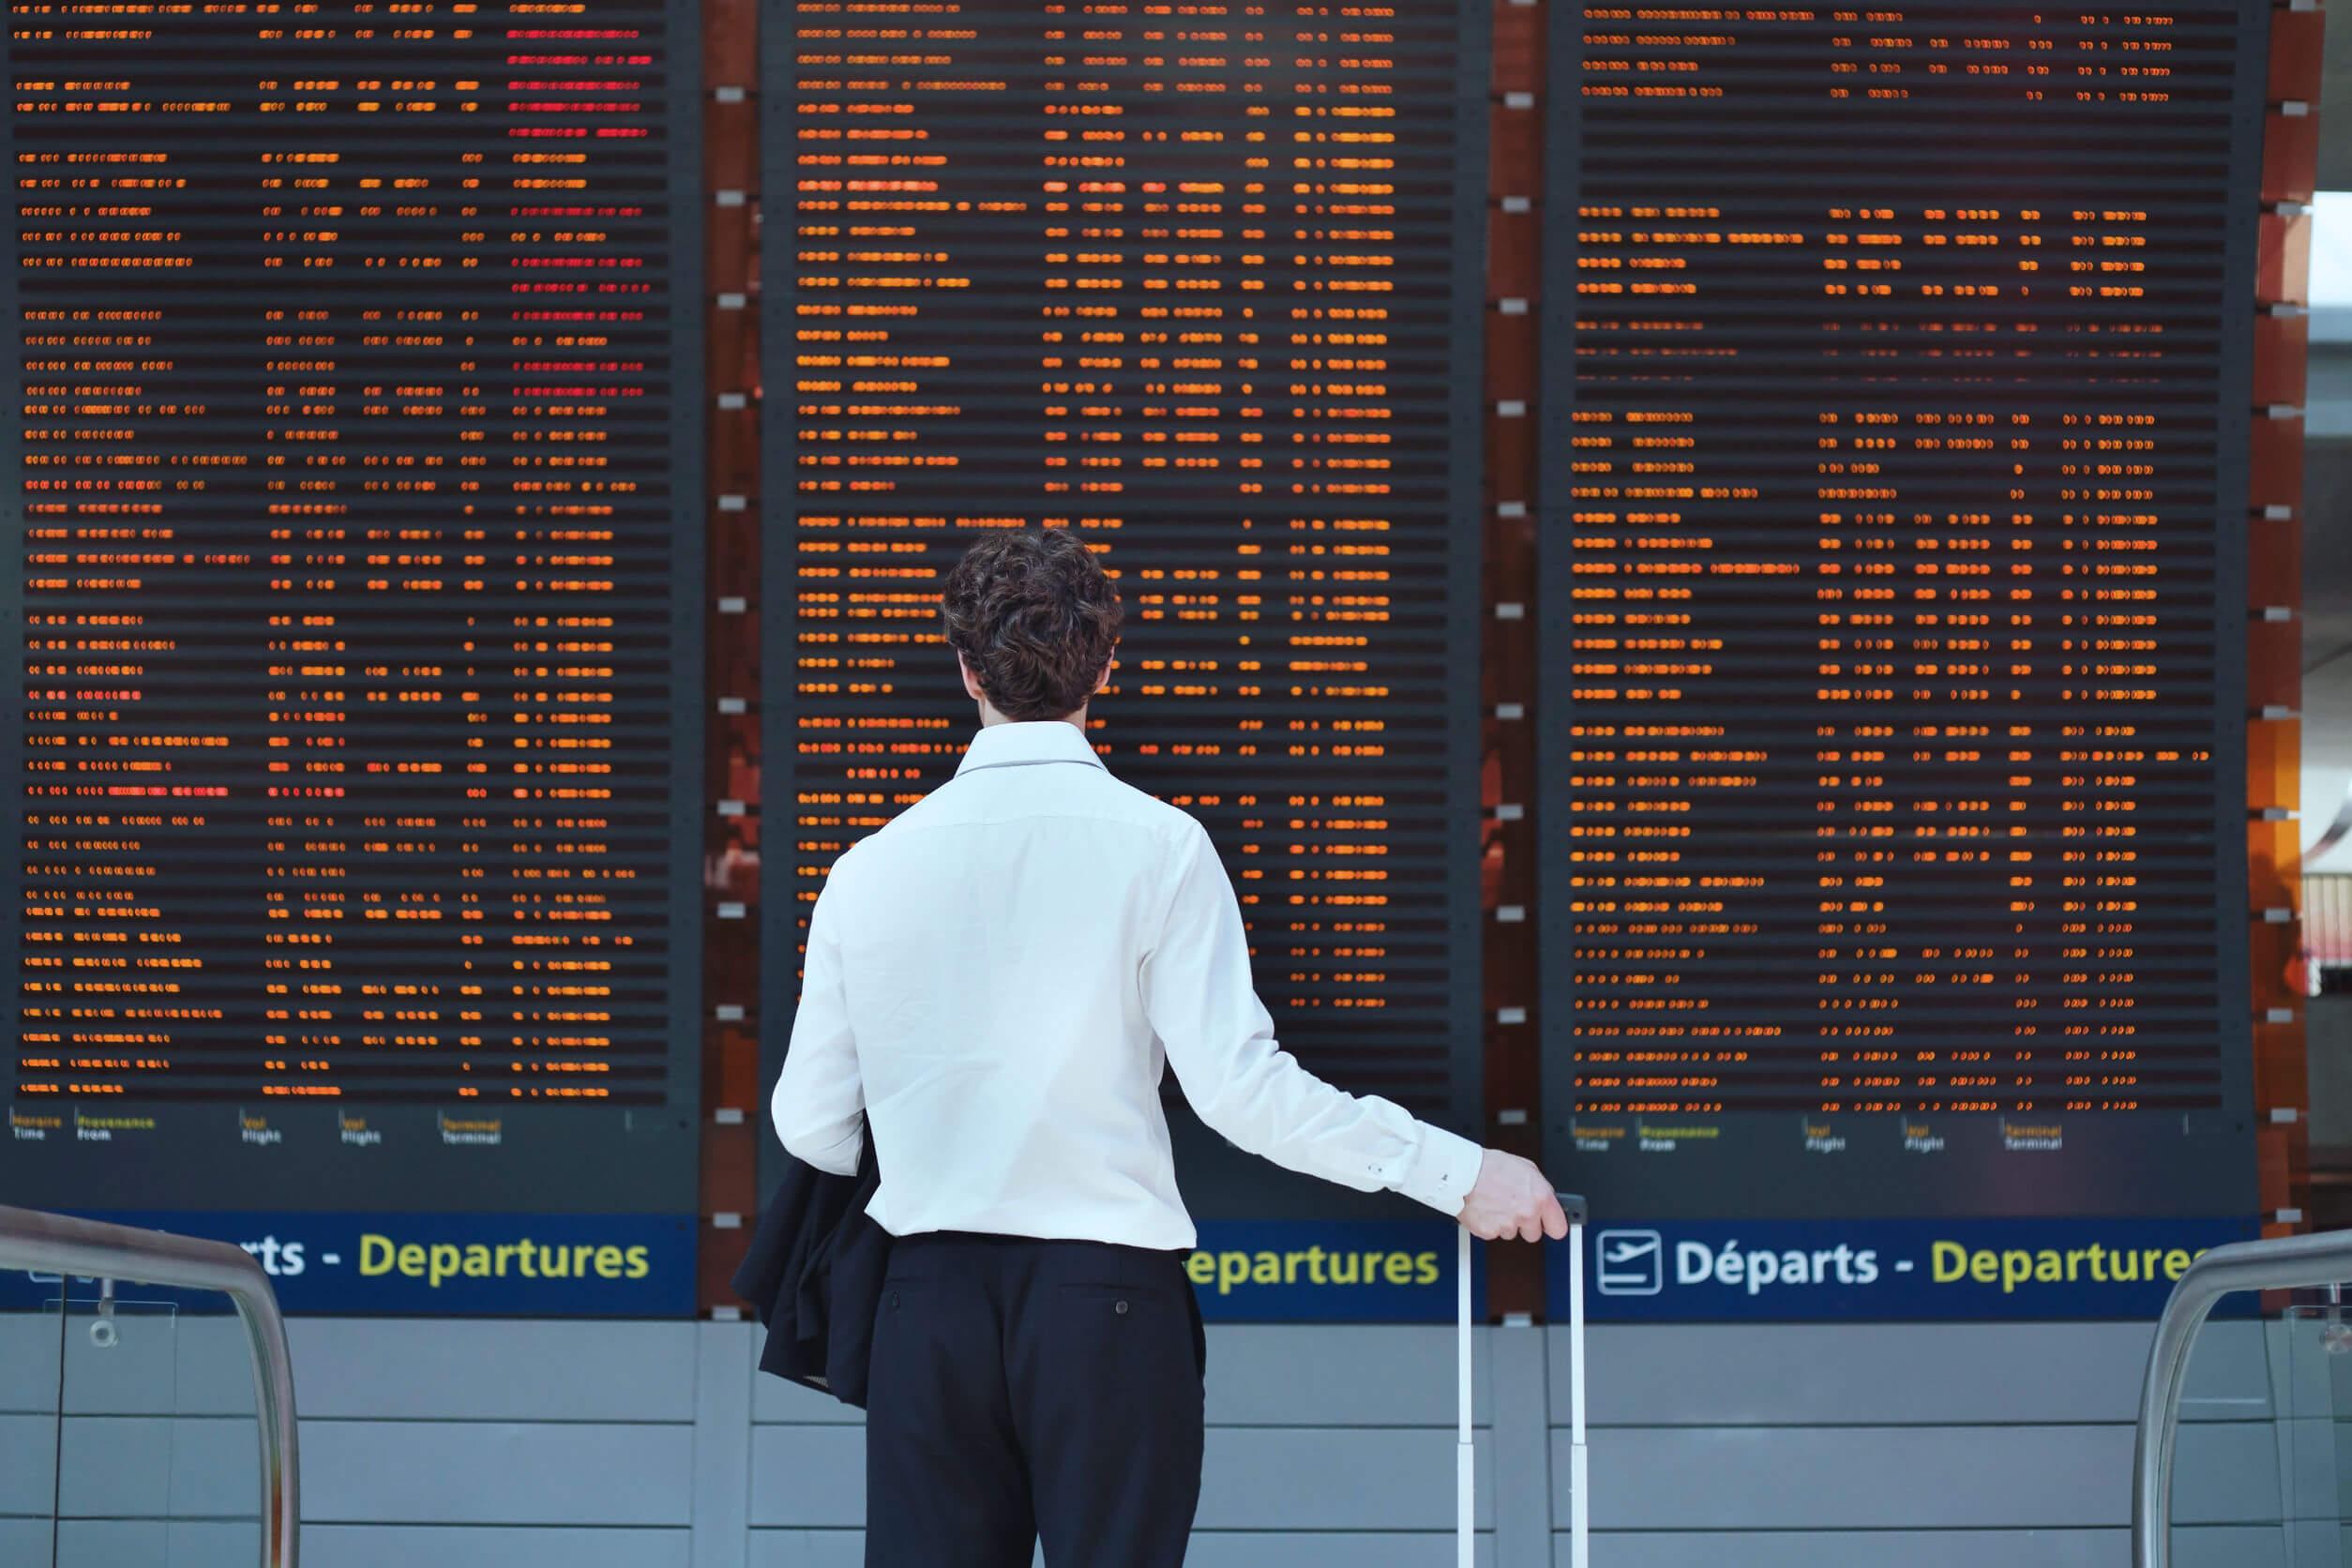 ביטוח ביטול טיסה עקב מצב ביטחוני (1)